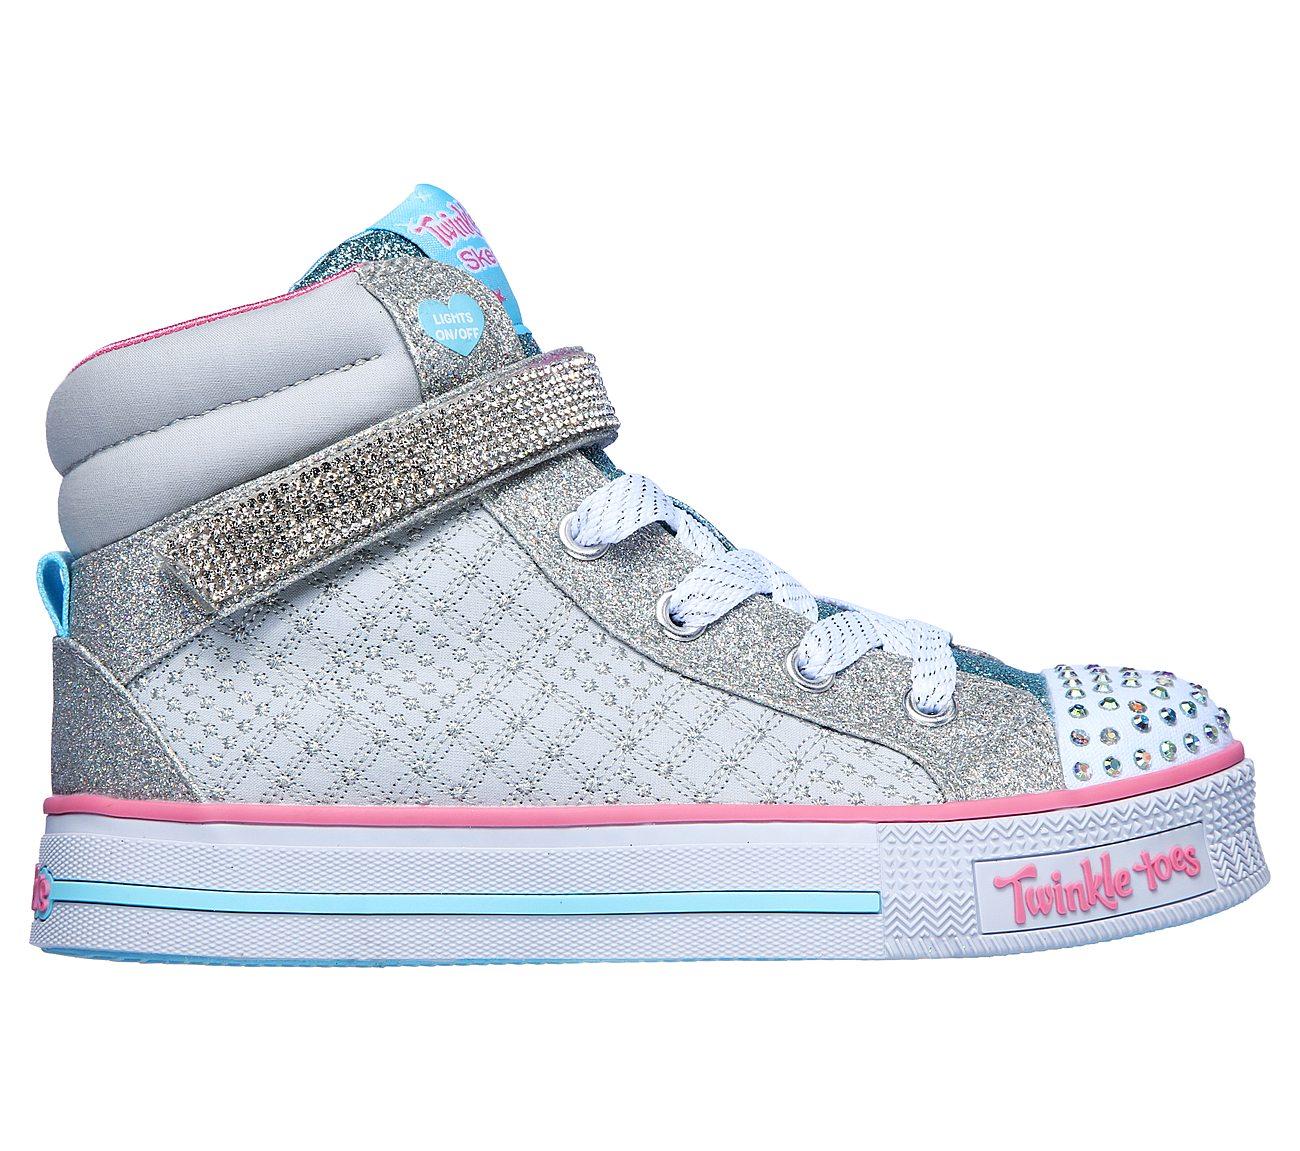 8b3dbde17419 Buy SKECHERS Twinkle Toes  Twinkle Lite - Beauty N Bliss SKECHERS S ...